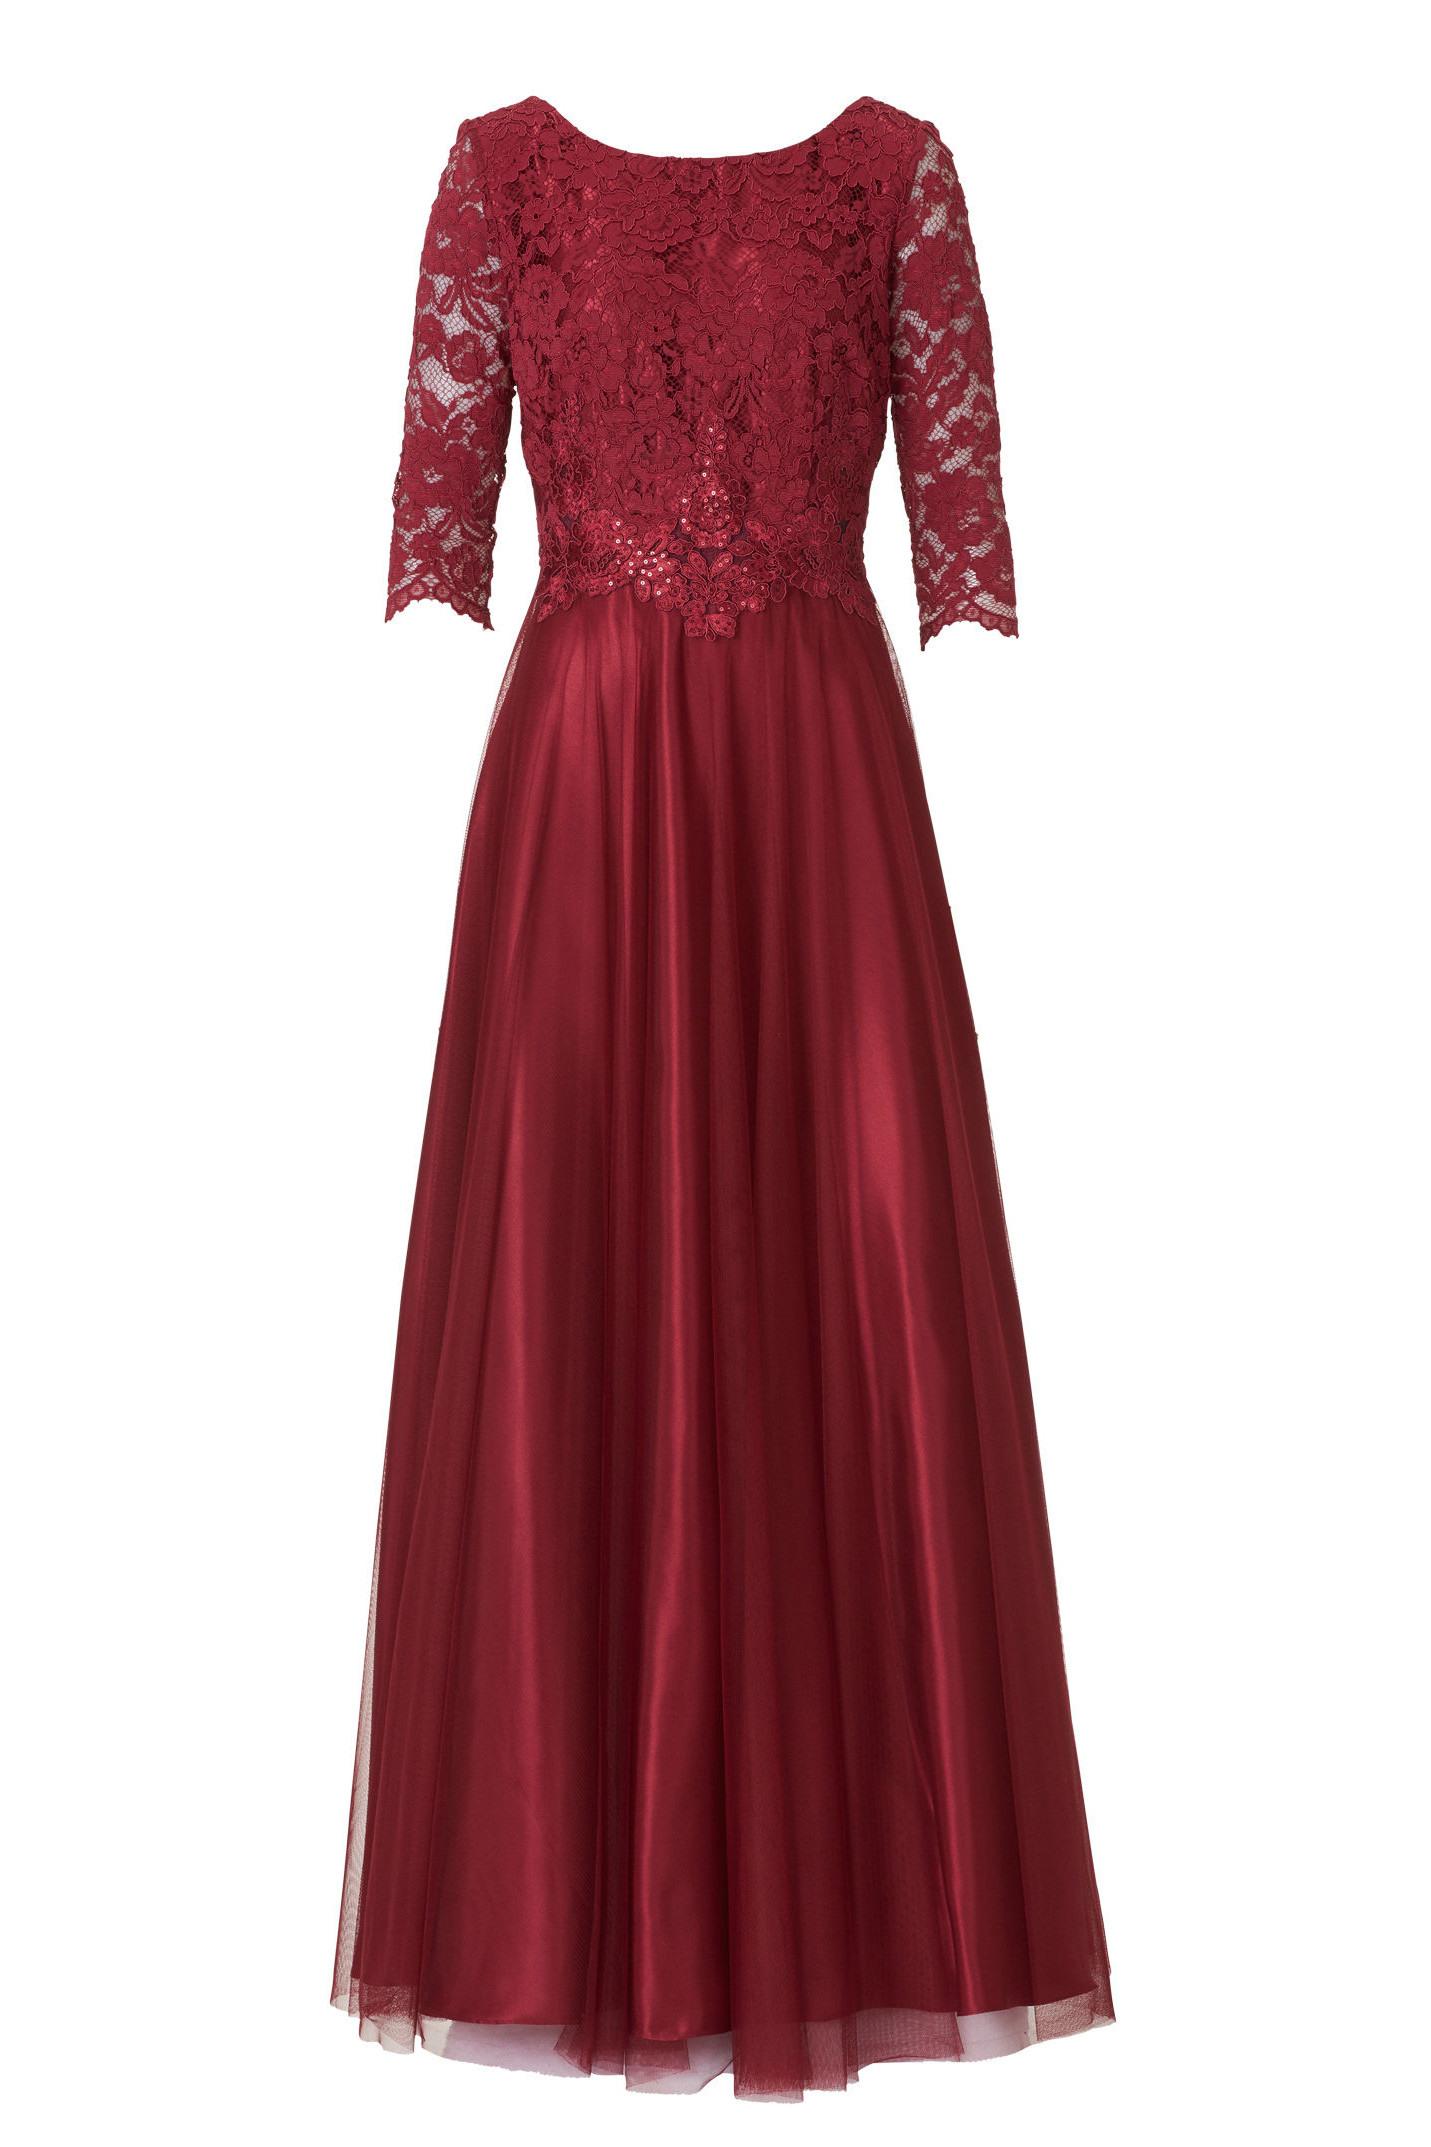 10 Genial Abendkleider Mit Arm GalerieFormal Coolste Abendkleider Mit Arm Spezialgebiet